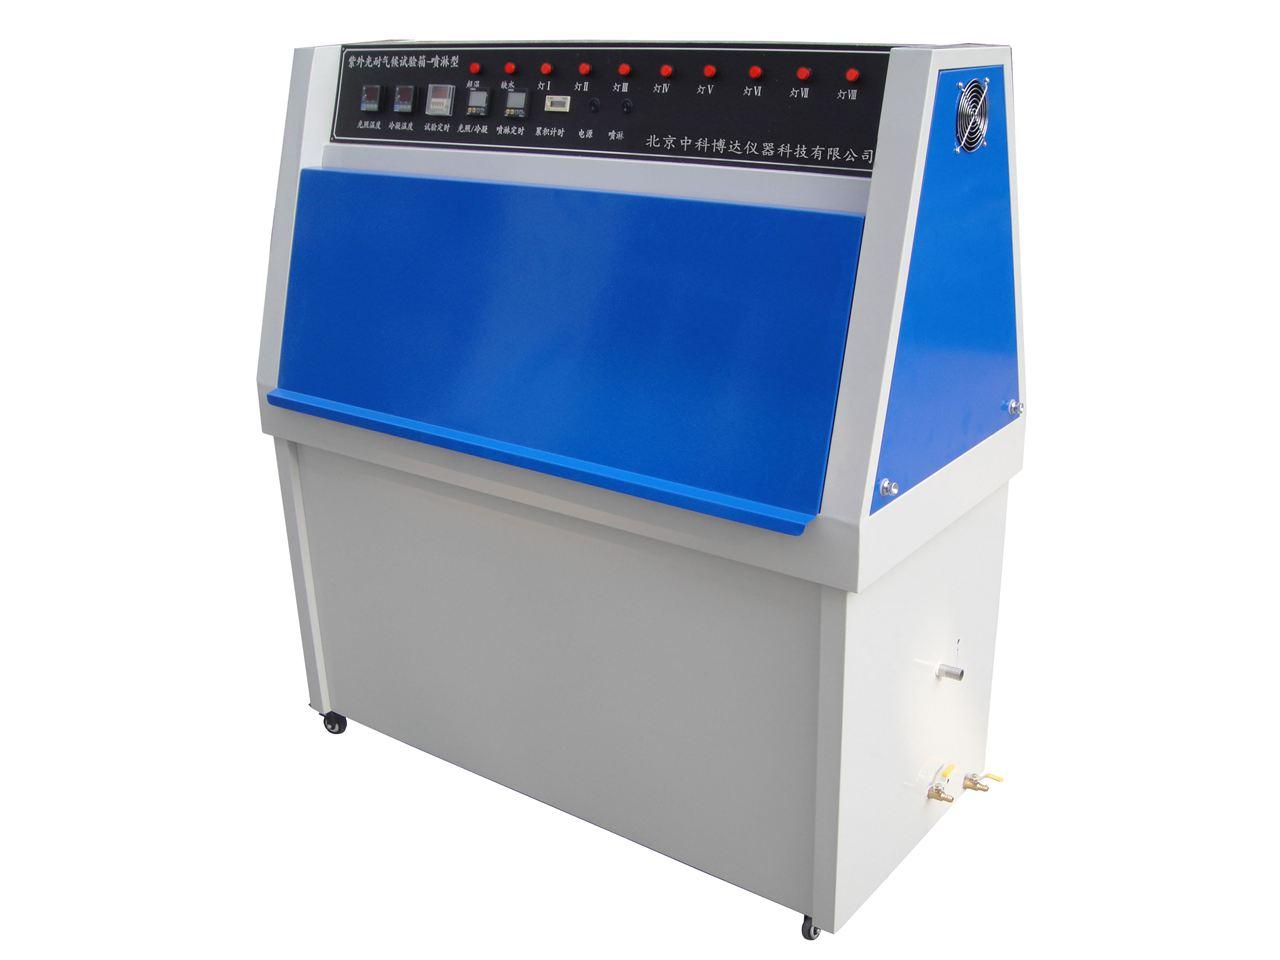 紫外老化试验箱构造:工作室安装两排每排4支荧光灯,设有加热水槽、试样架、黑板温度计、控制和指示工作时间和温度的装置。 荧光灯分为 UVA、UVB、 UVC 、UVD和UVE五种类型,各种类型的荧光灯出现最大峰值辐射的波长不同。除非另有规定,一般使用UVA-340灯。荧光灯光能量输出随使用时间而逐步衰减,为了减小因光能量衰减造成对试验的影响,在8支荧光灯中每隔1/4的荧光灯寿命时间,在每排由一支新灯替换一支旧灯,其余位置变换如图所示,使荧光灯按顺序定期更换,这样紫外光源始终由新灯和旧灯组成,而得到一个输出